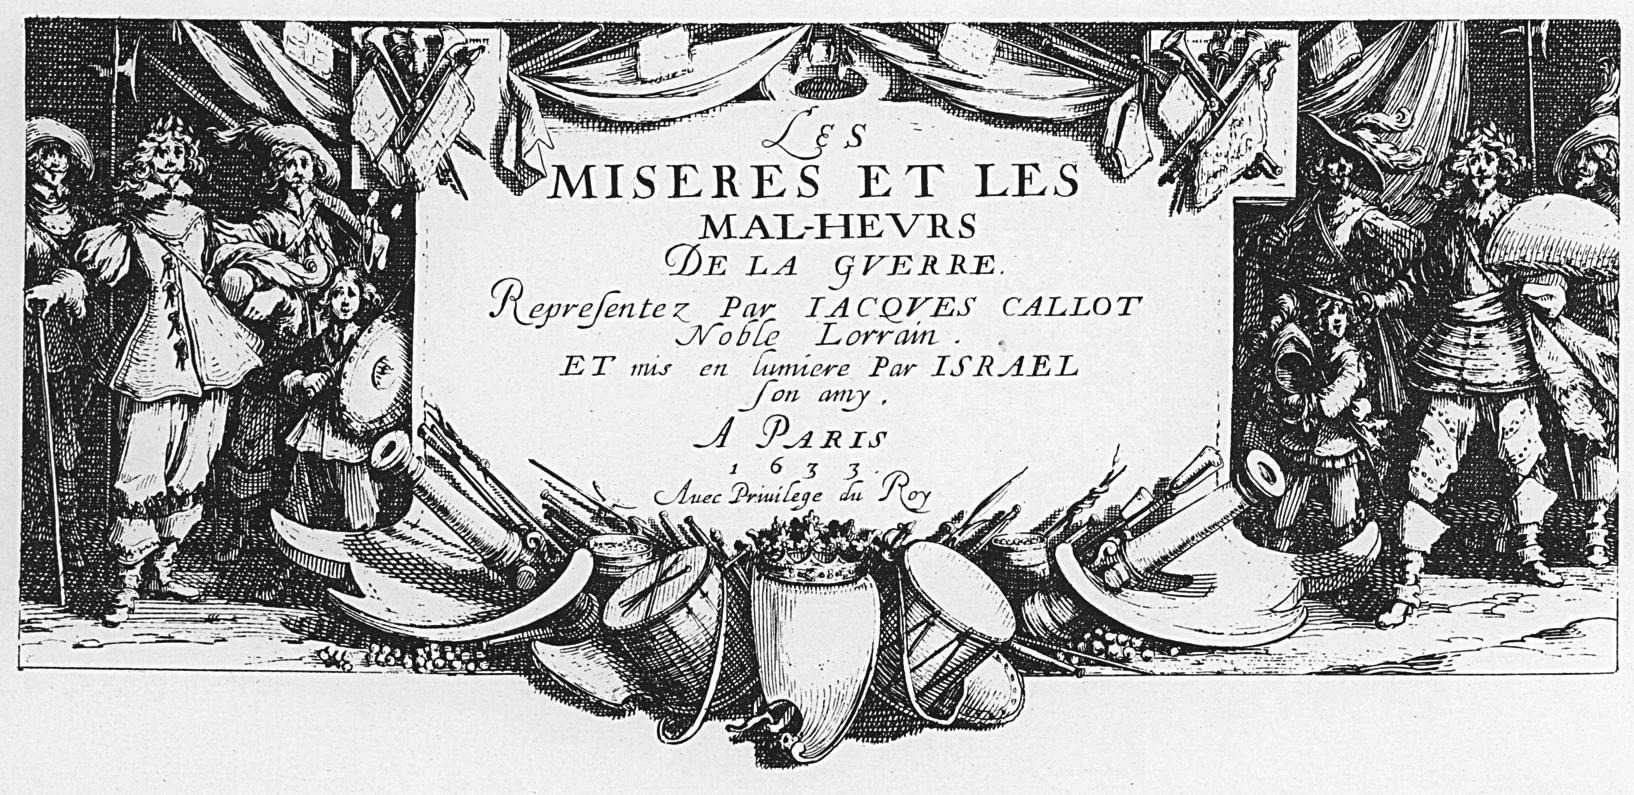 Jacques Callot Les misères et les malheurs de la guerre